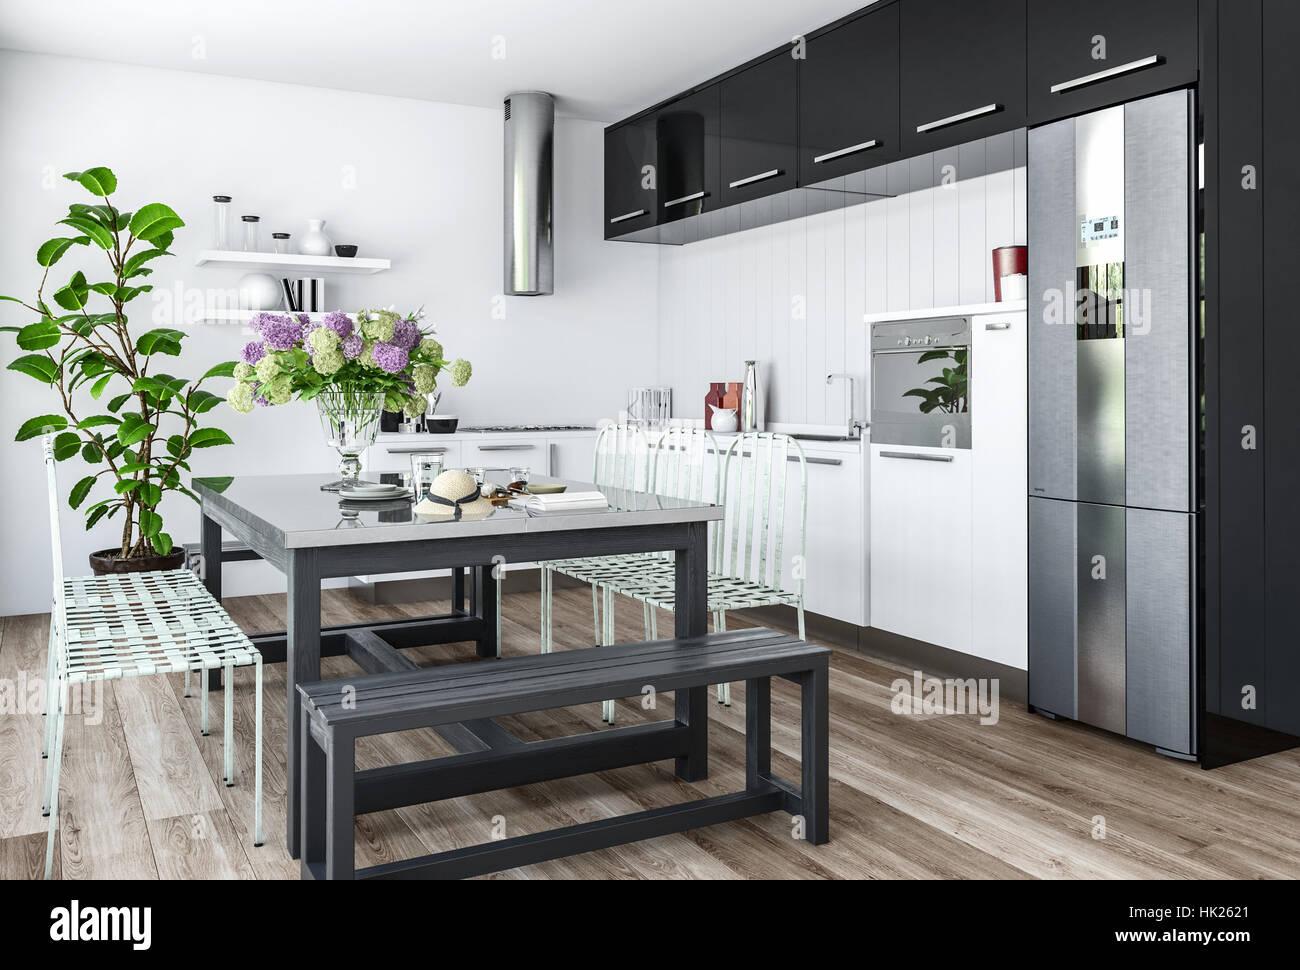 Cocina moderna con interior de diseño minimalista con muebles ...